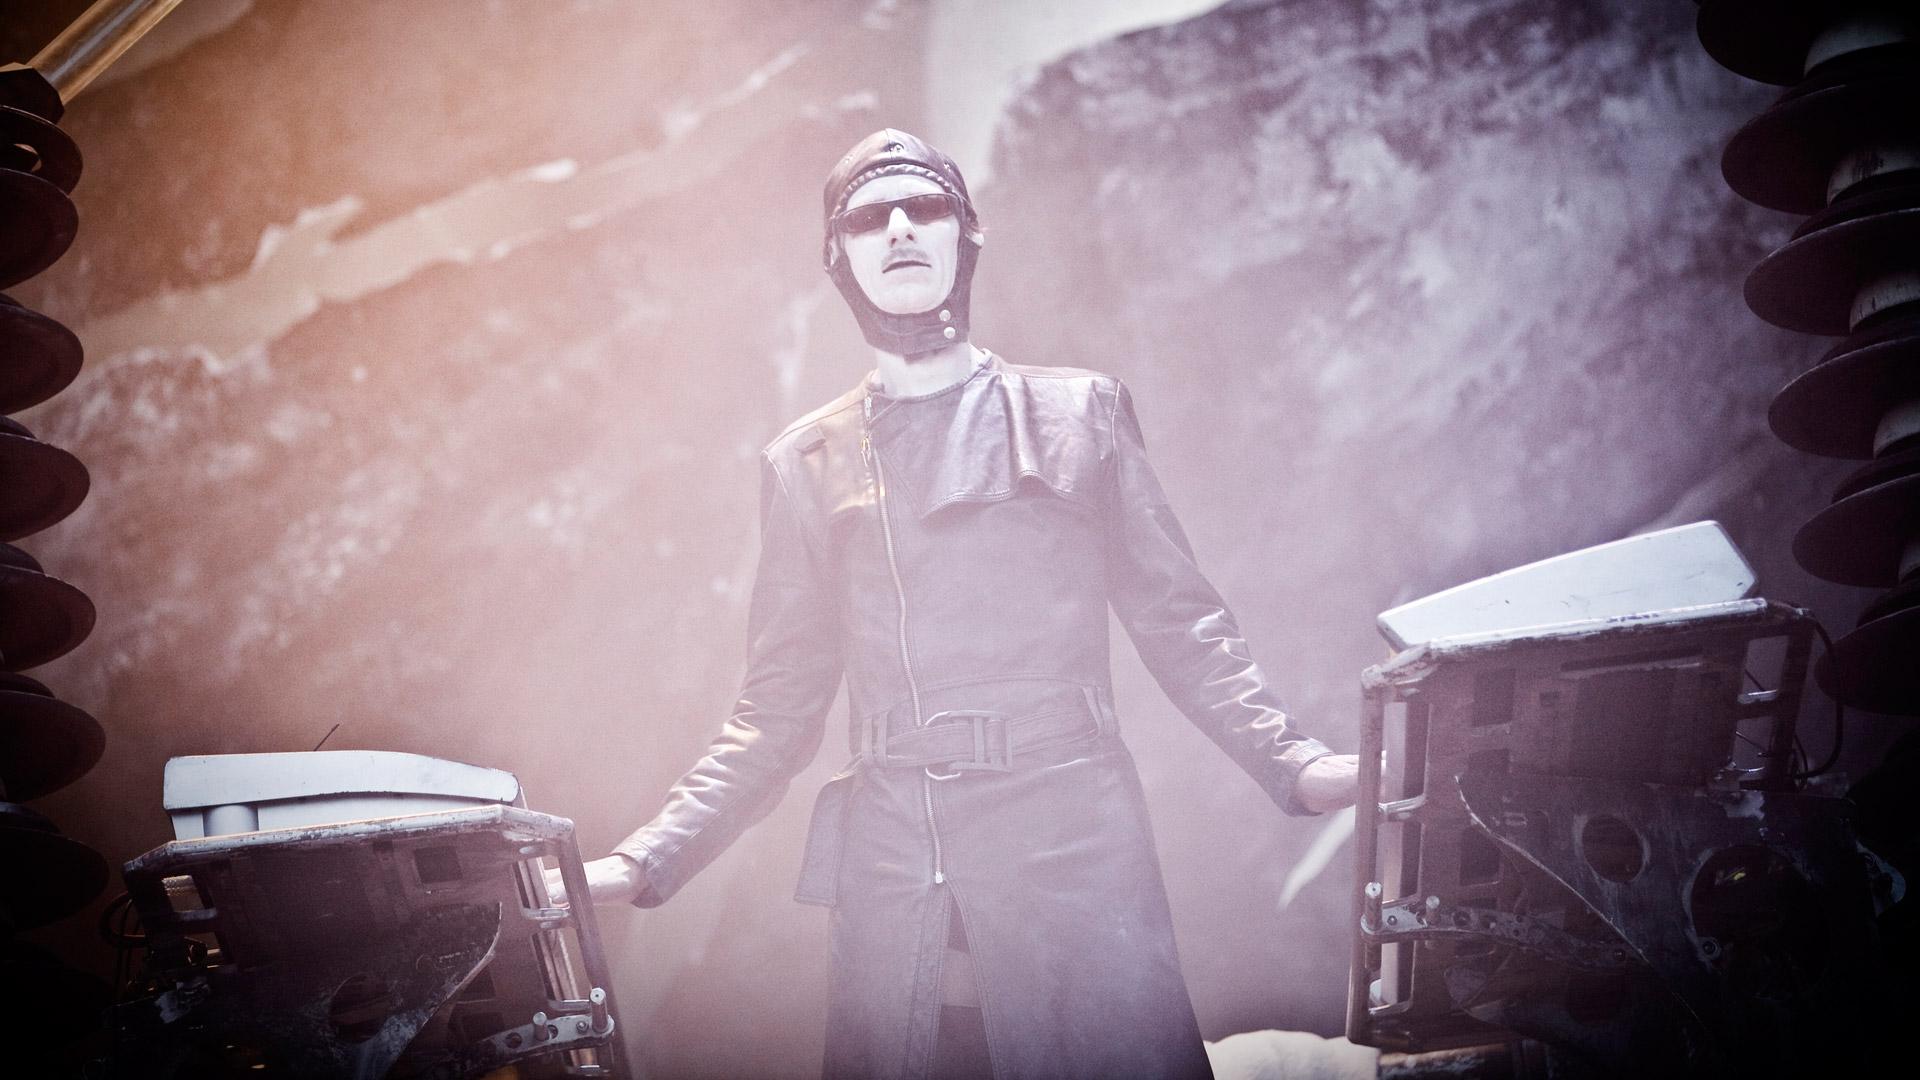 Flake bei einem Rammstein-Konzert im Jahr 2010